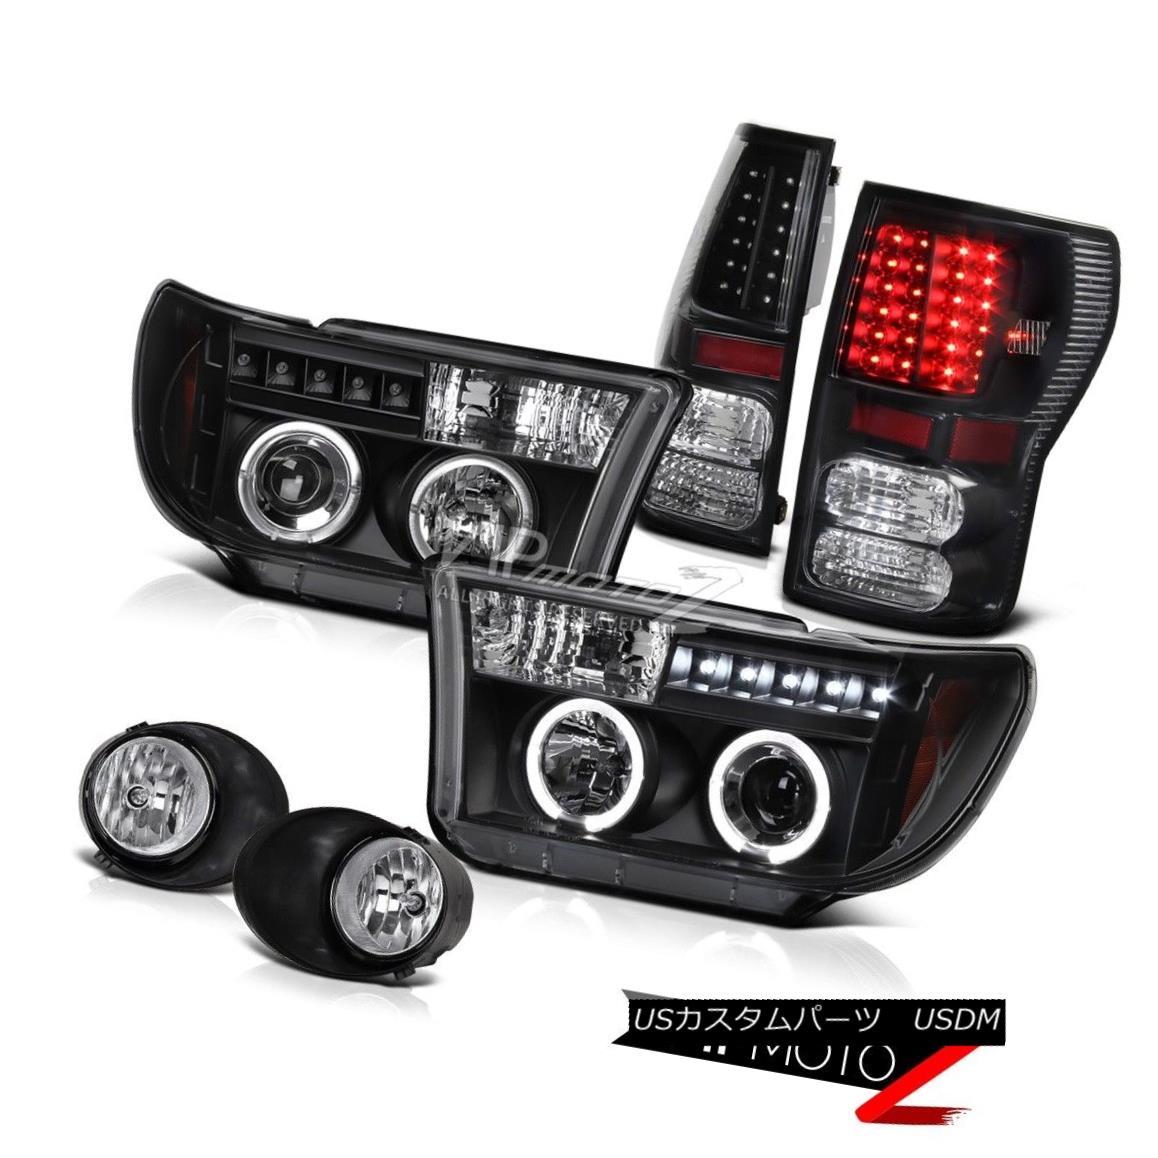 ヘッドライト Black Halo Projector Headlight+Led Tail Light+Fog Lamp Toyota Tundra 07-13 ブラックハロープロジェクターヘッドライト+ Ledテールライト+ FogランプToyota Tundra 07-13